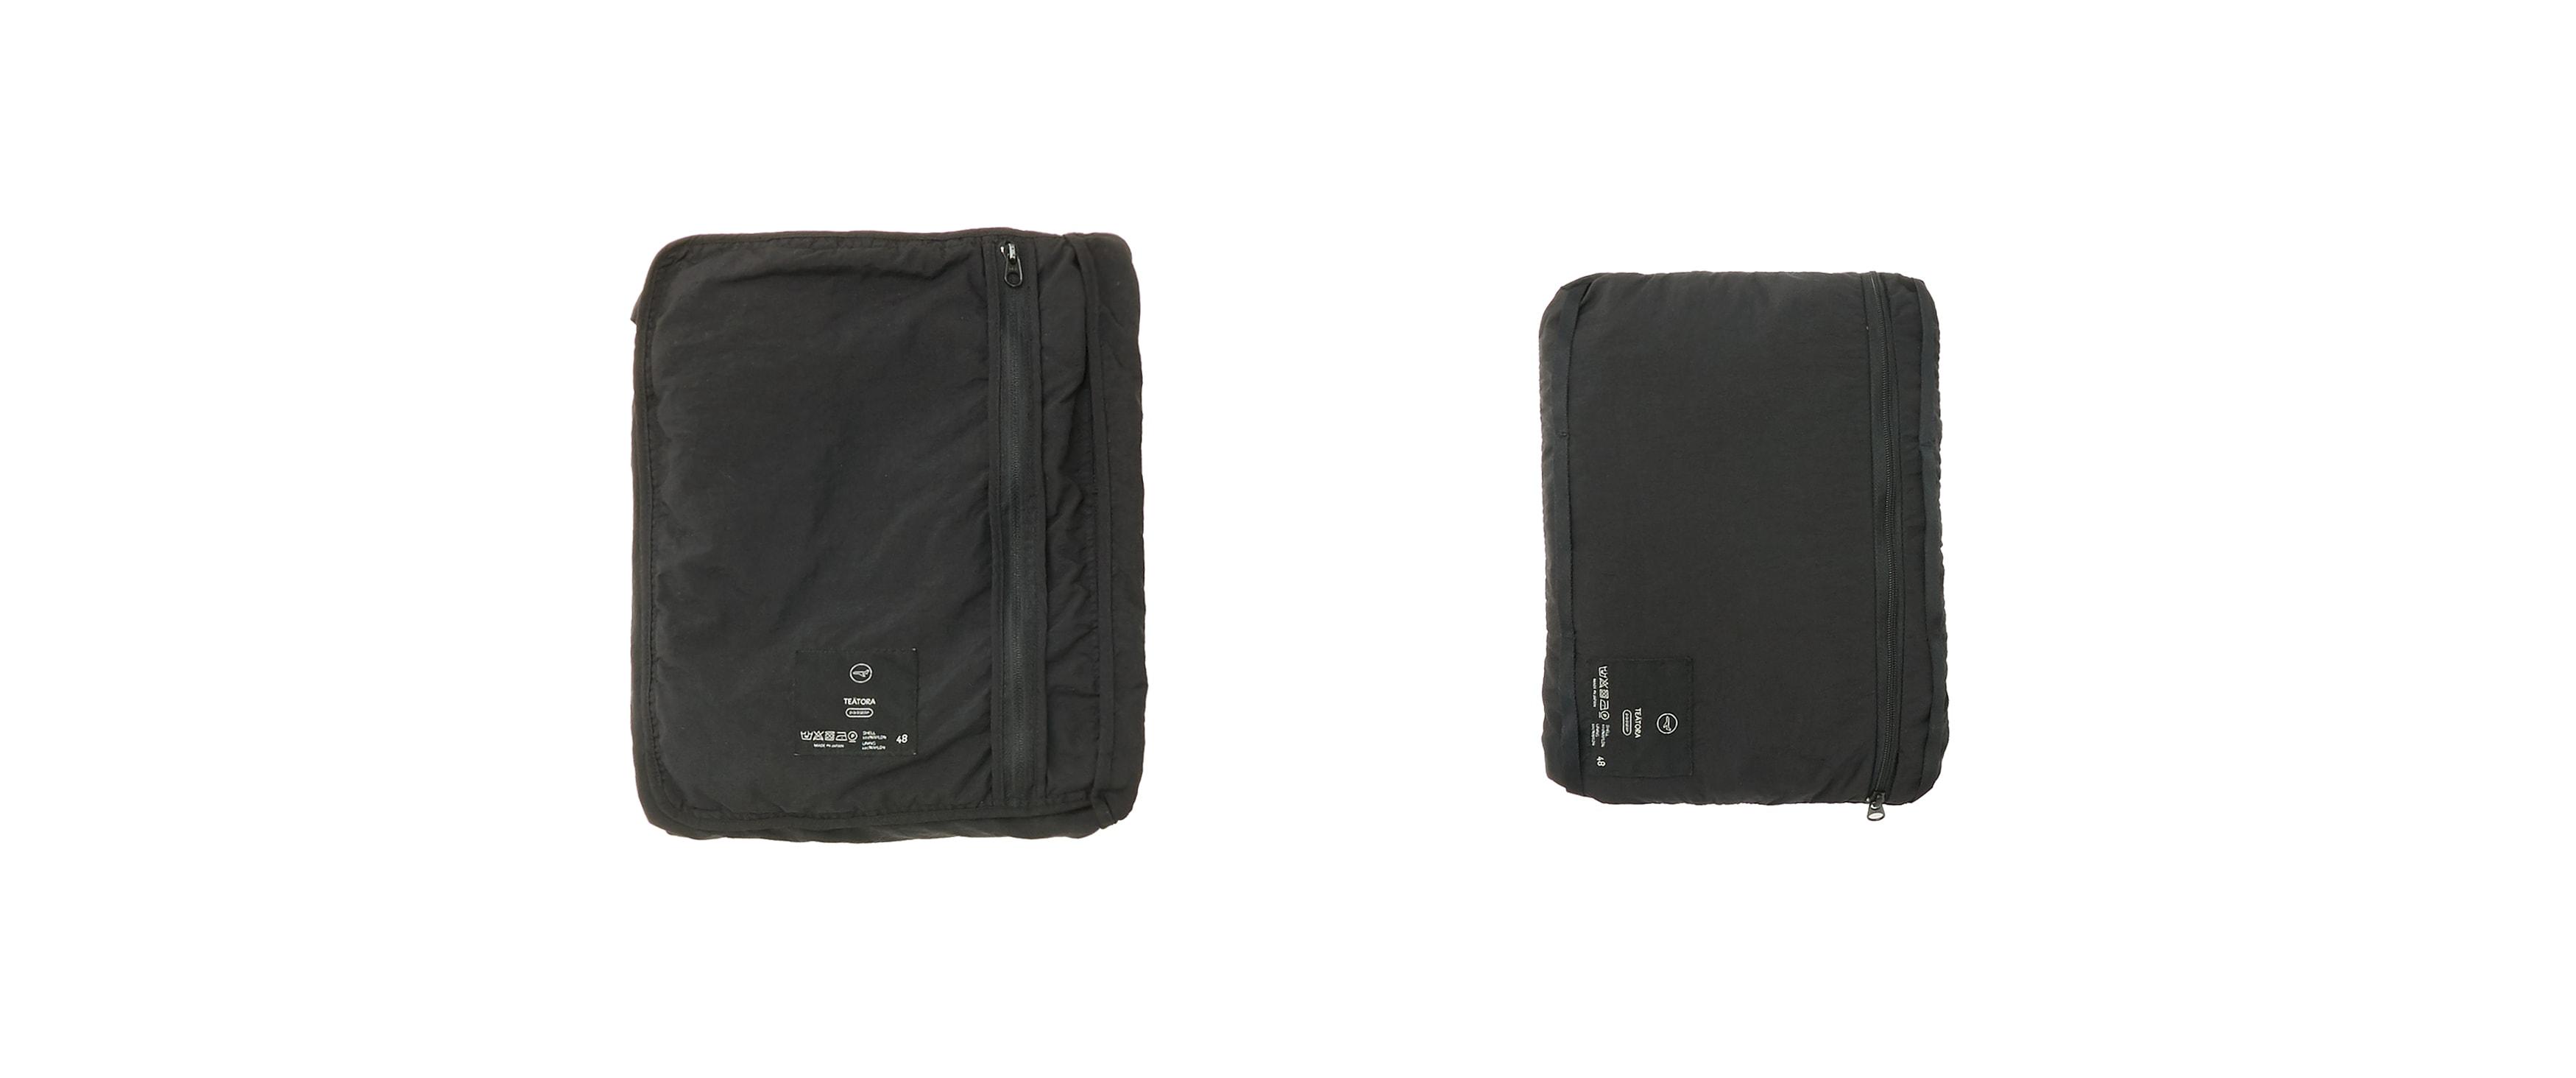 TEÄTORA Packable series